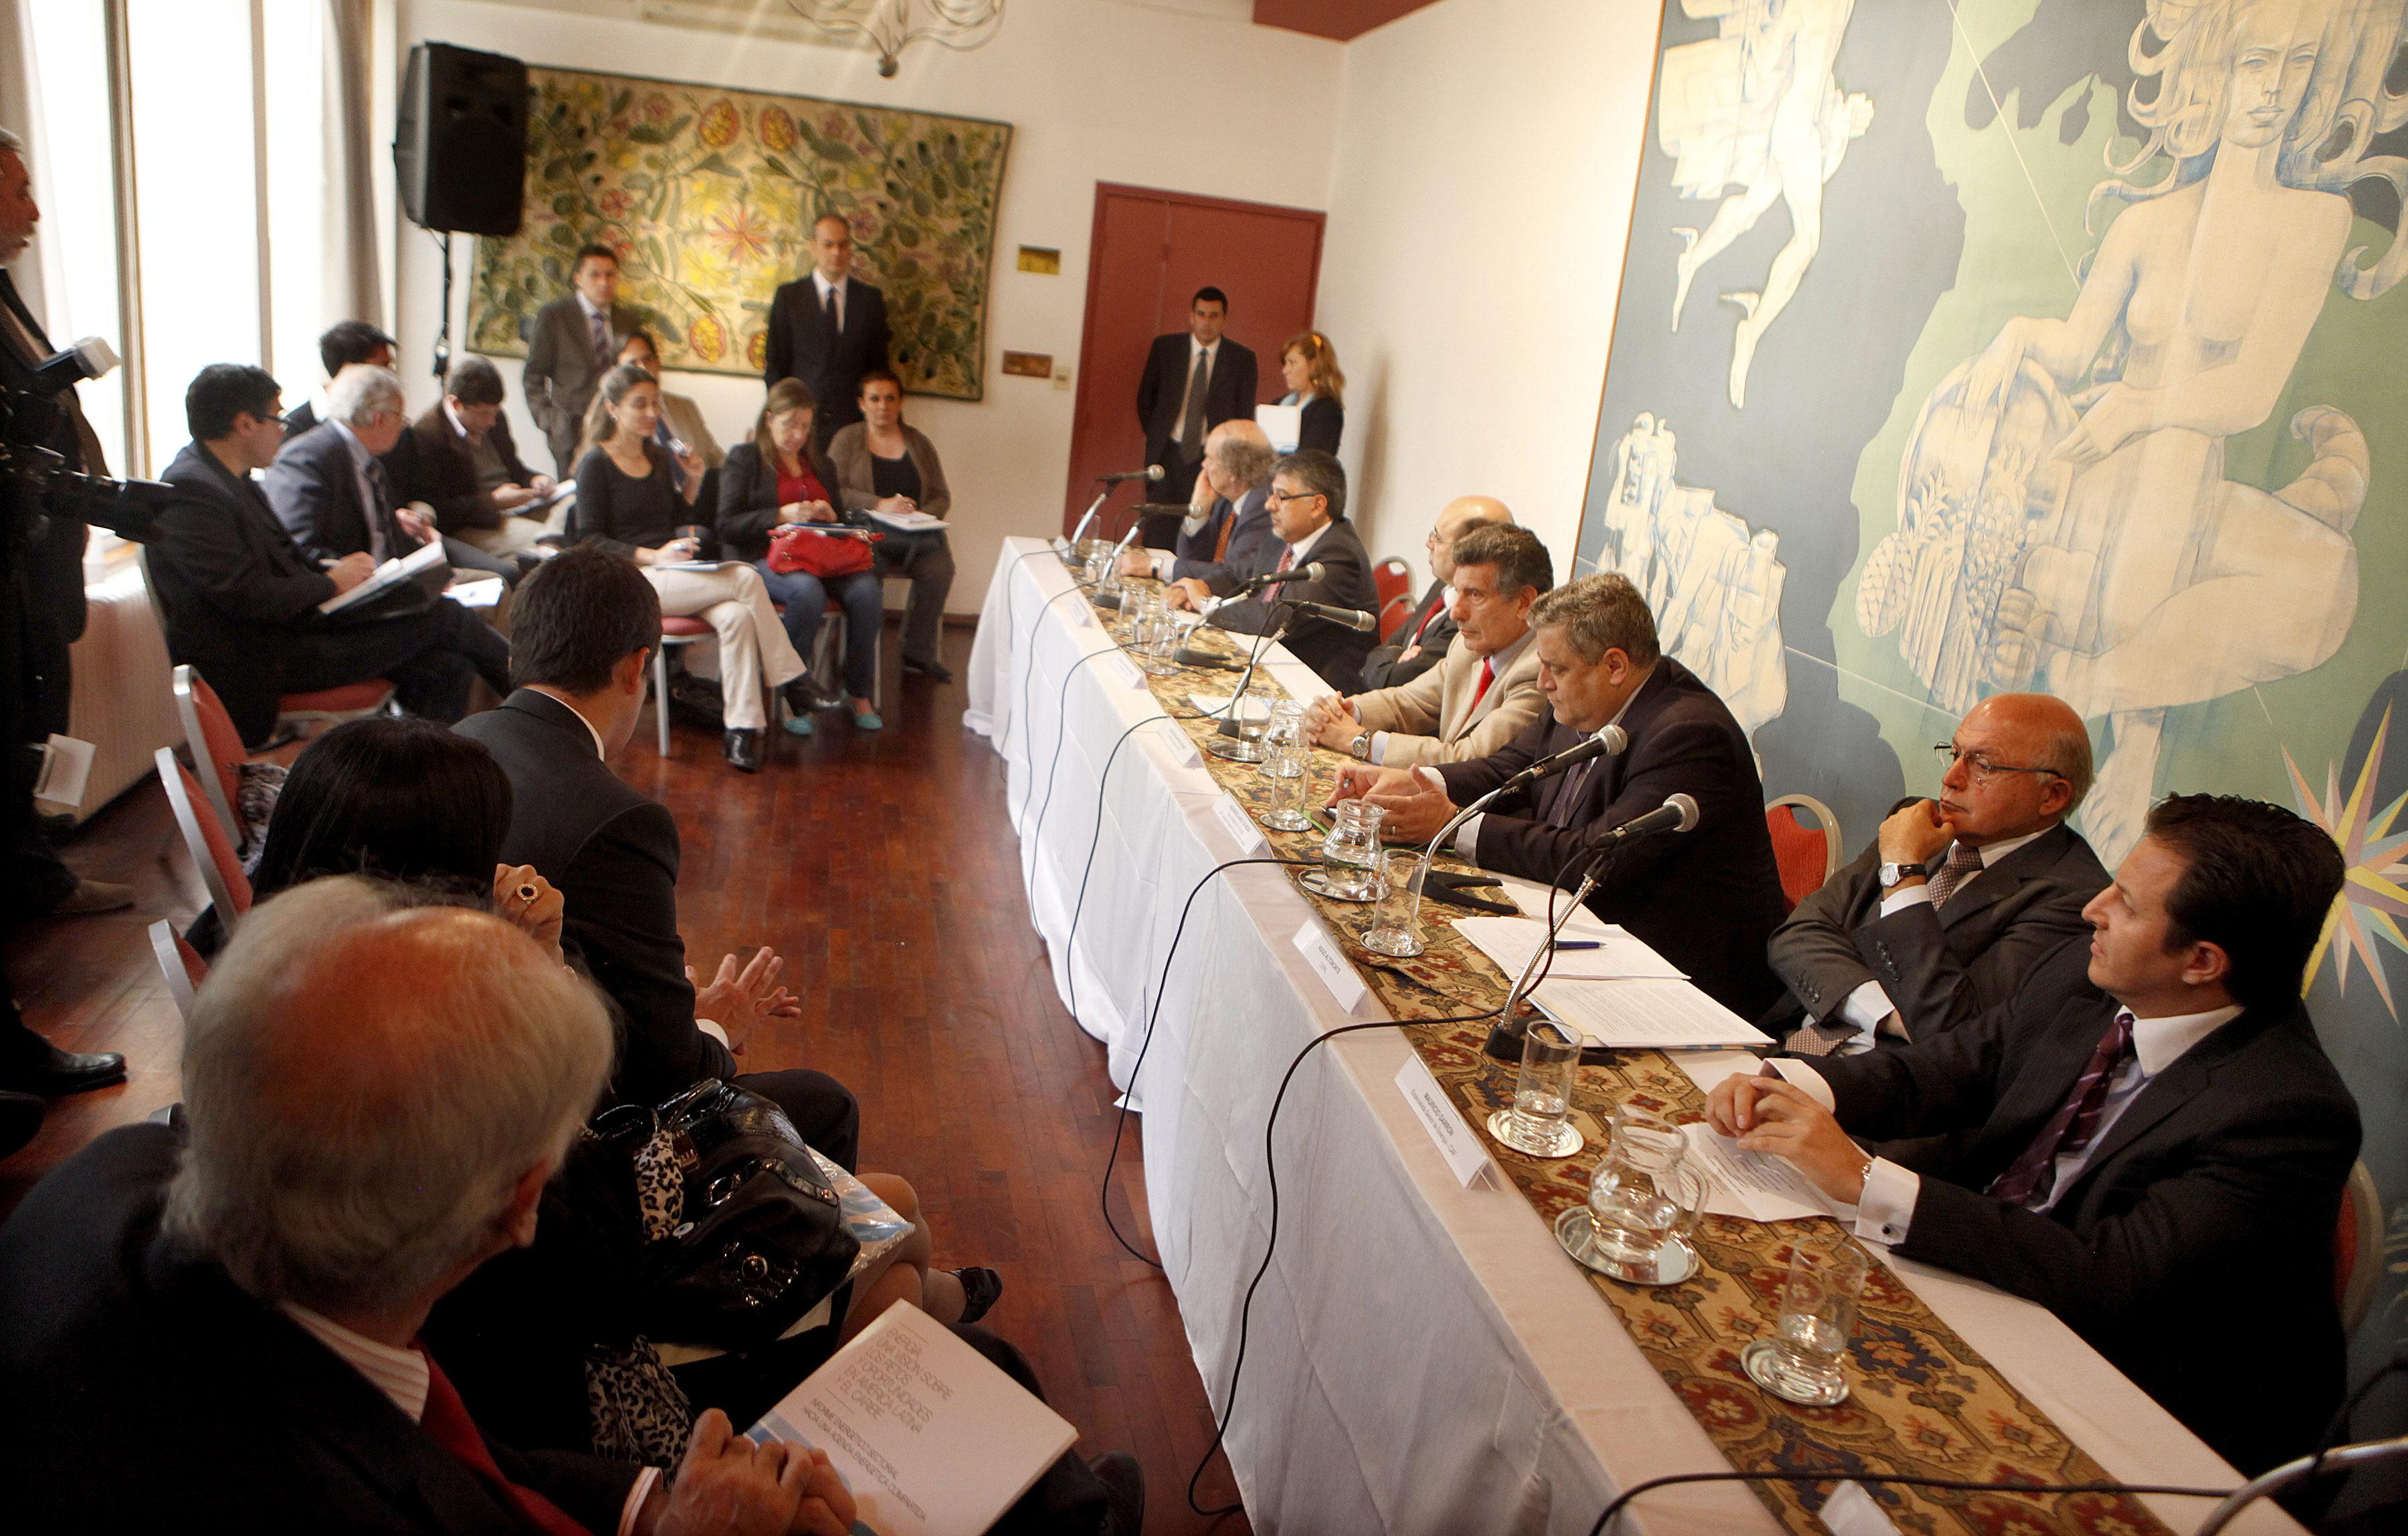 Inversiones millonarias y más integración, retos energéticos de América Latina